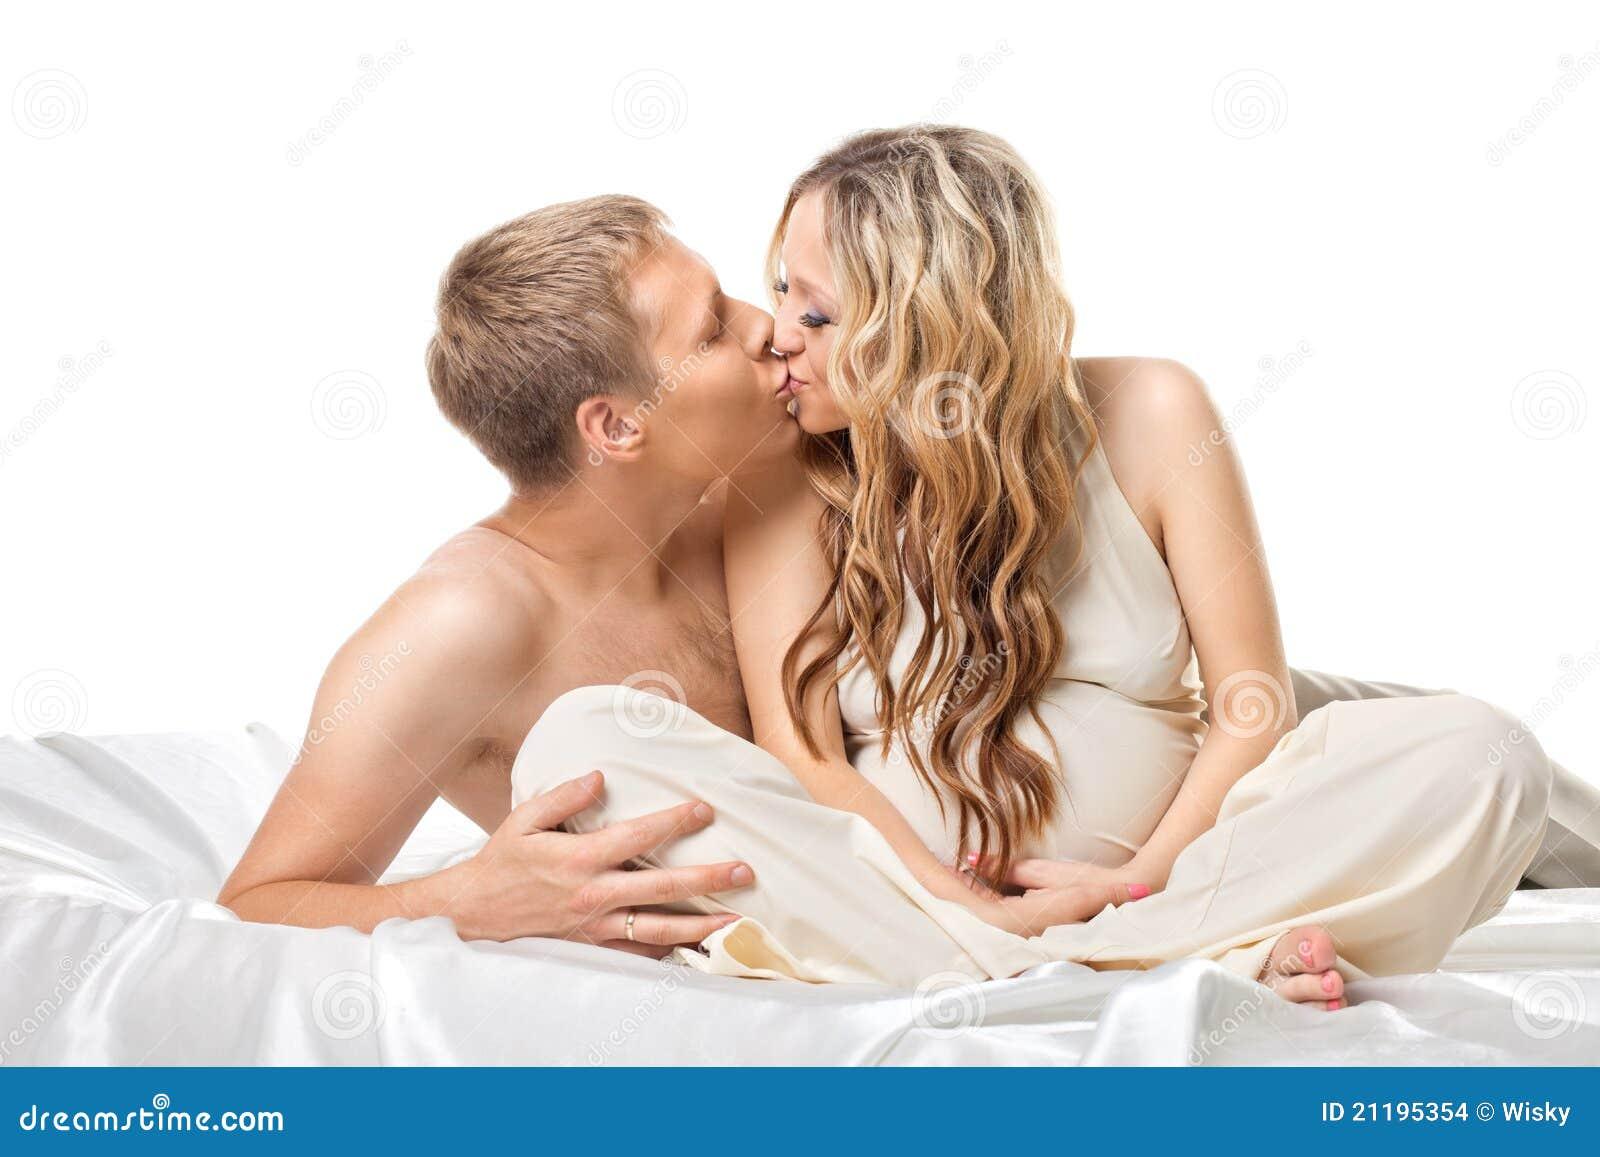 Ранний секс как уберечь 11 фотография